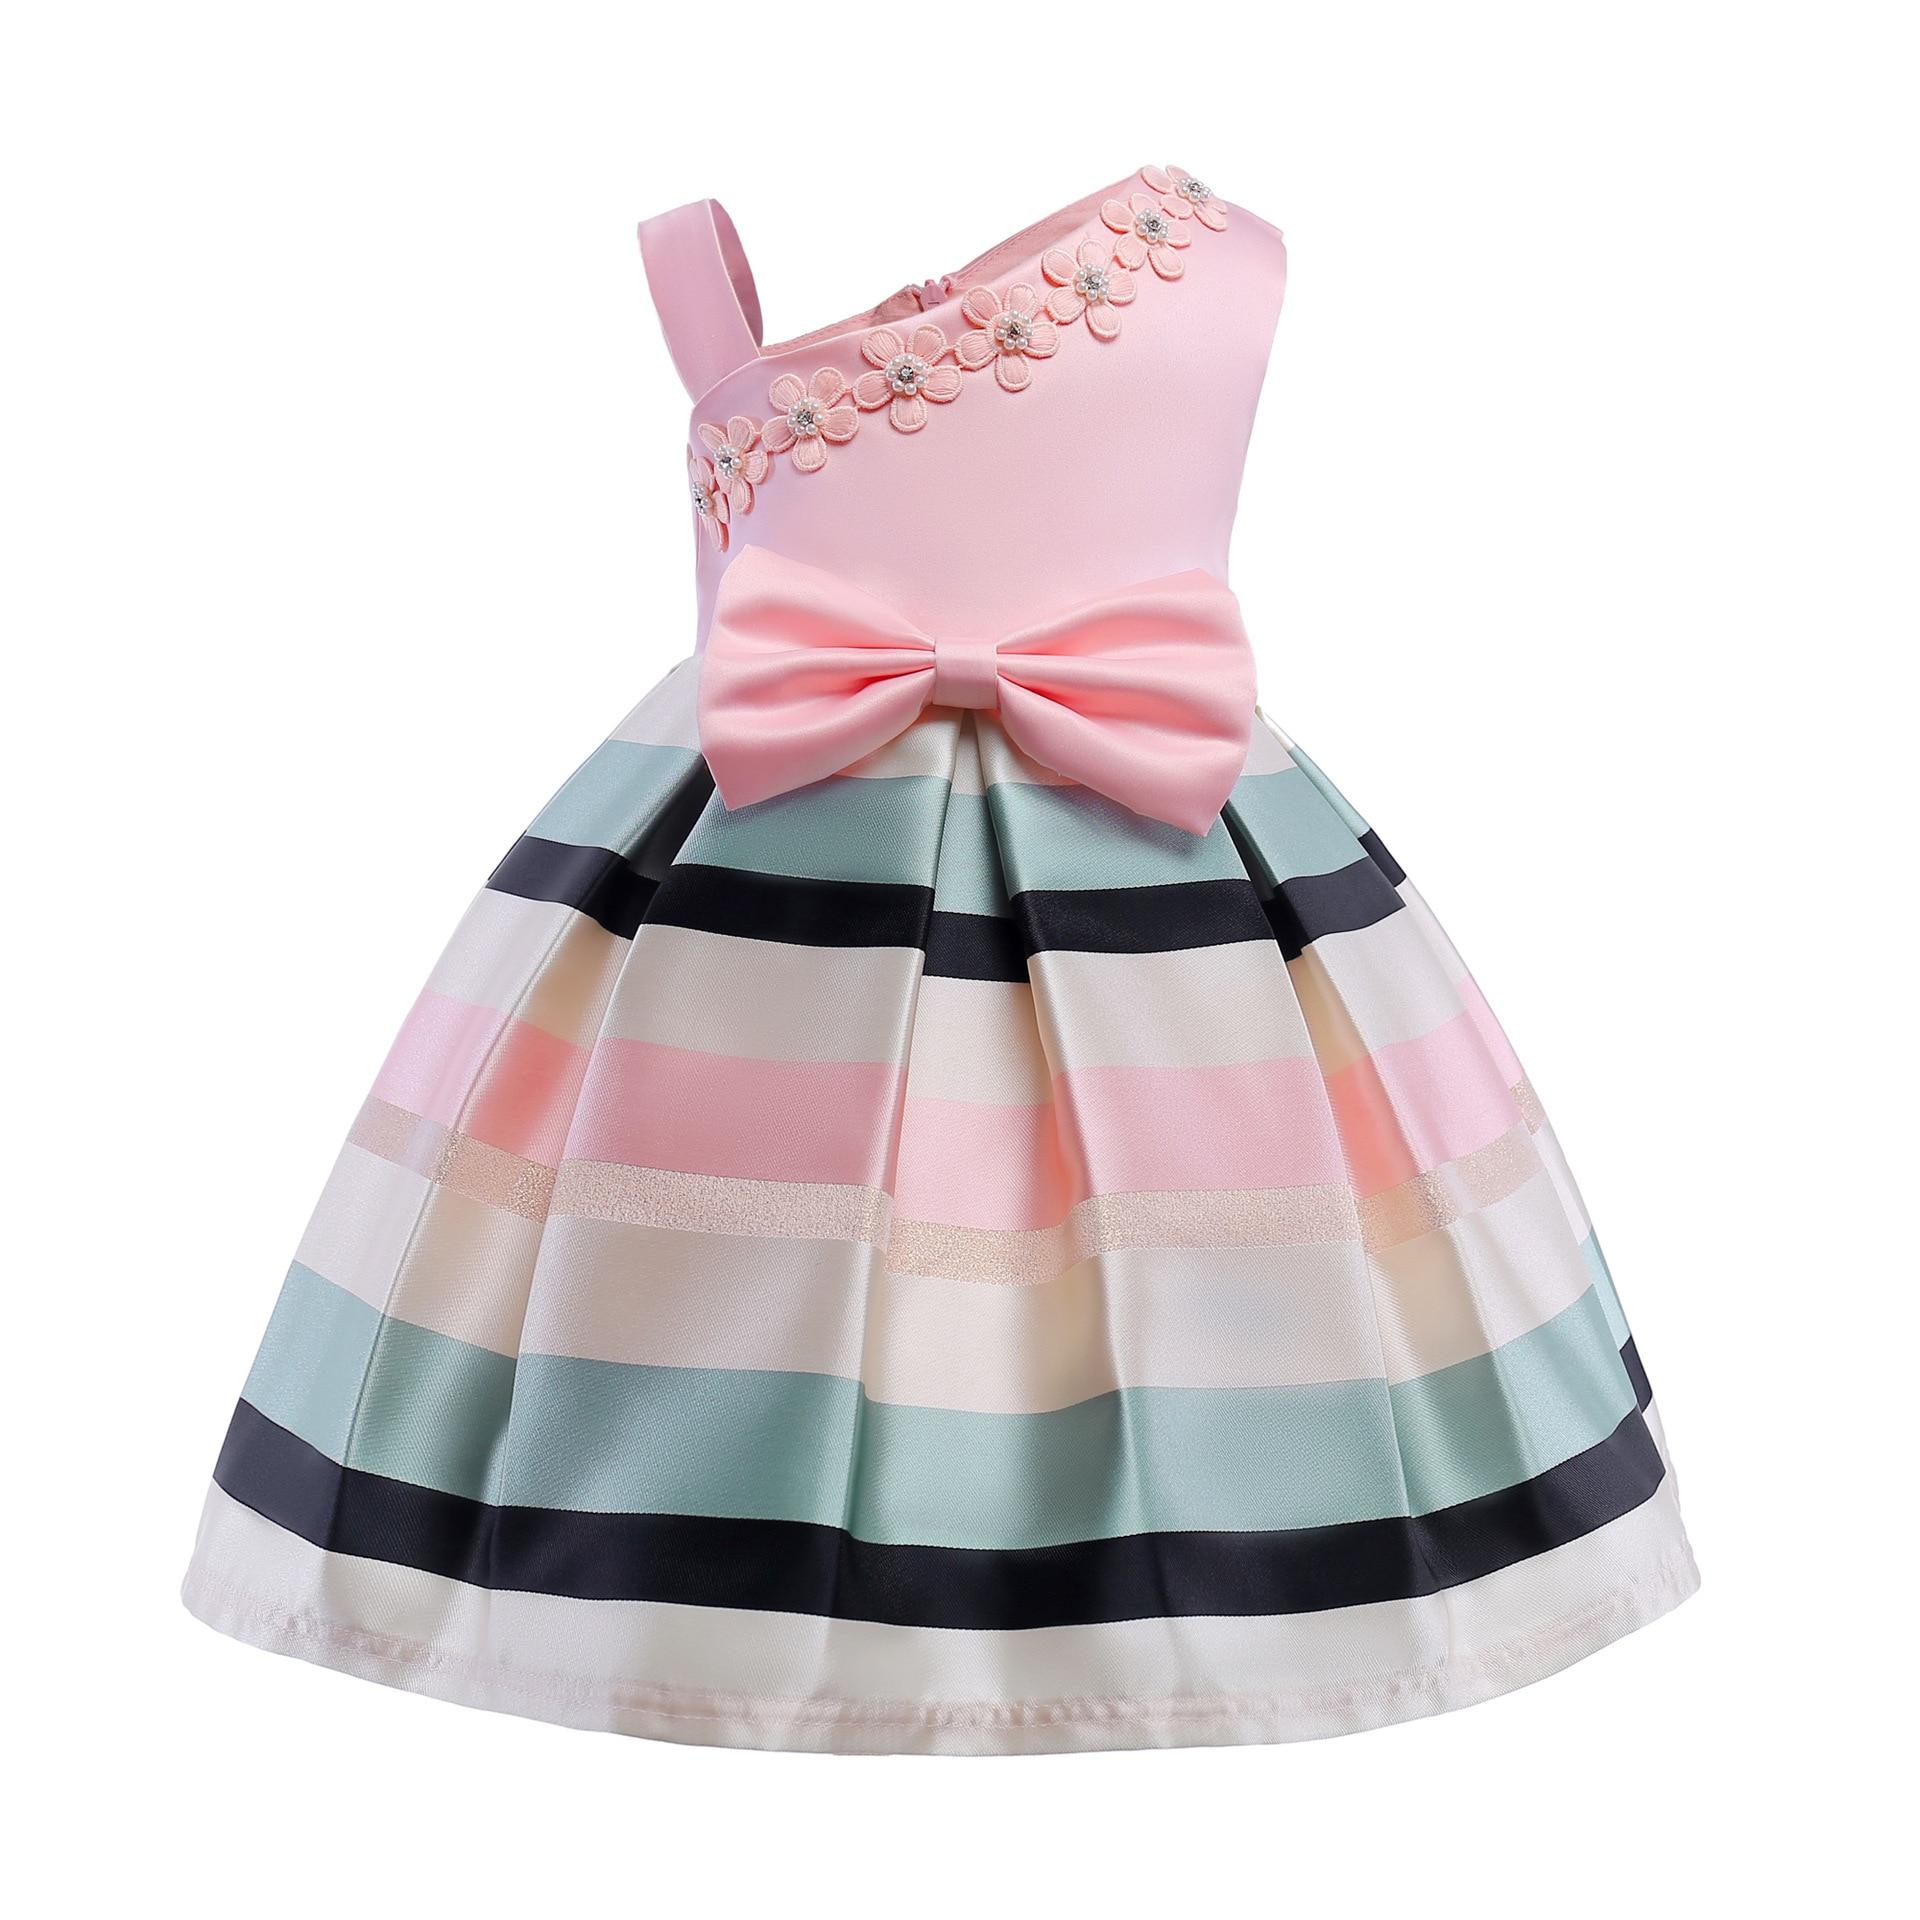 فستان للحفلات ماركة دادموبي 2021 فستان للأطفال للبنات أزياء الكريسماس فستان الأميرات للأطفال فستان بنات لأعياد الميلاد 8 10 سنوات